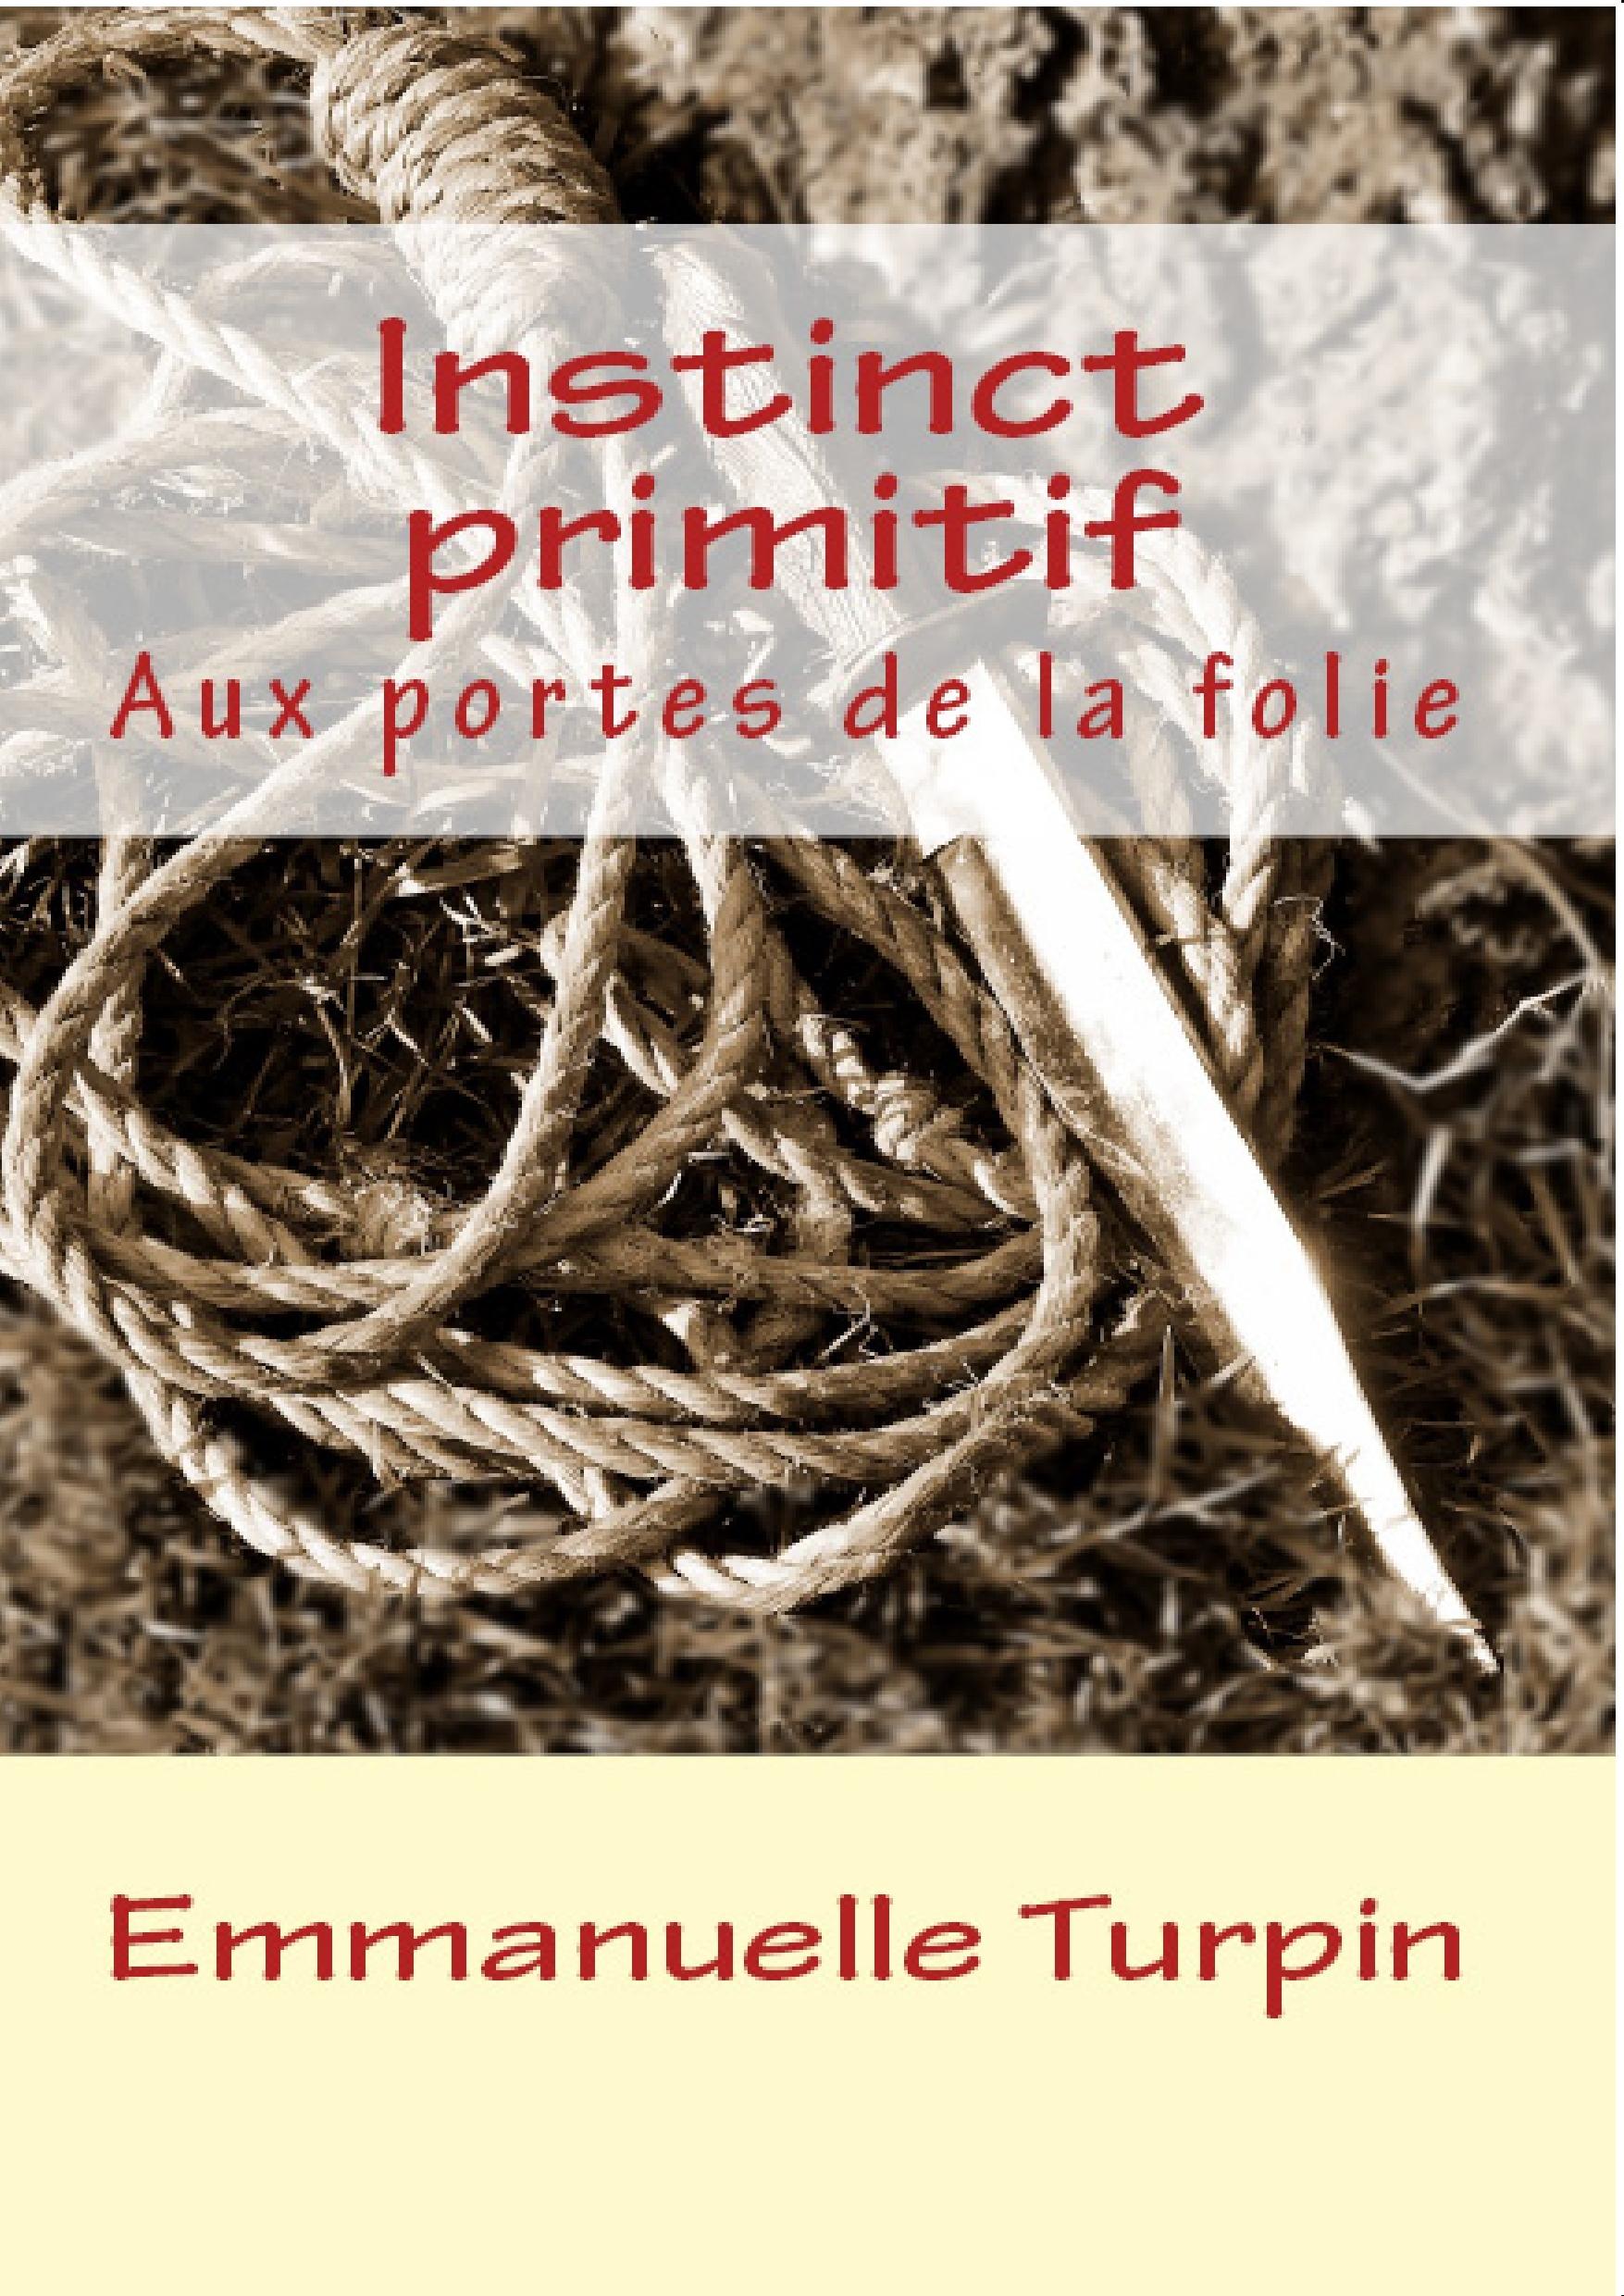 Instinct primitif